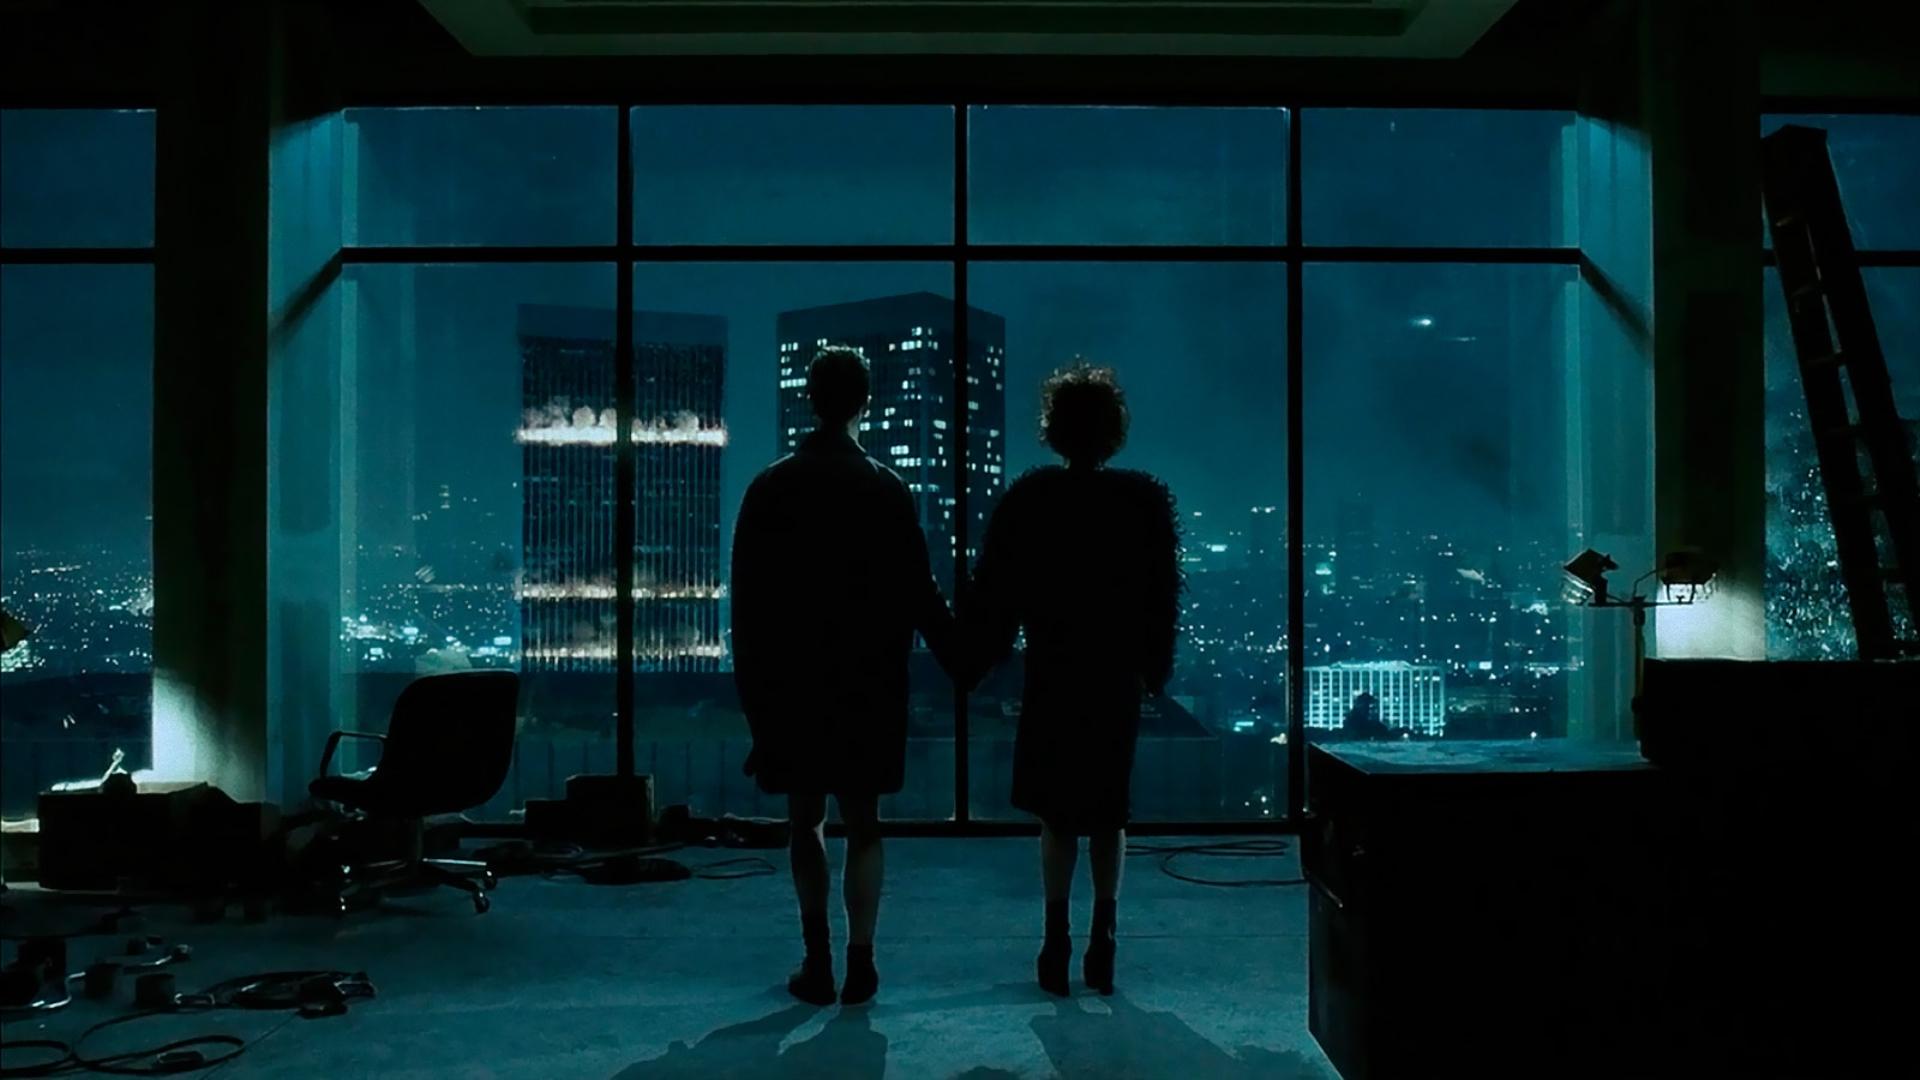 Фильмы про раздвоение личности: «Бойцовский клуб», «Сплит» и другие